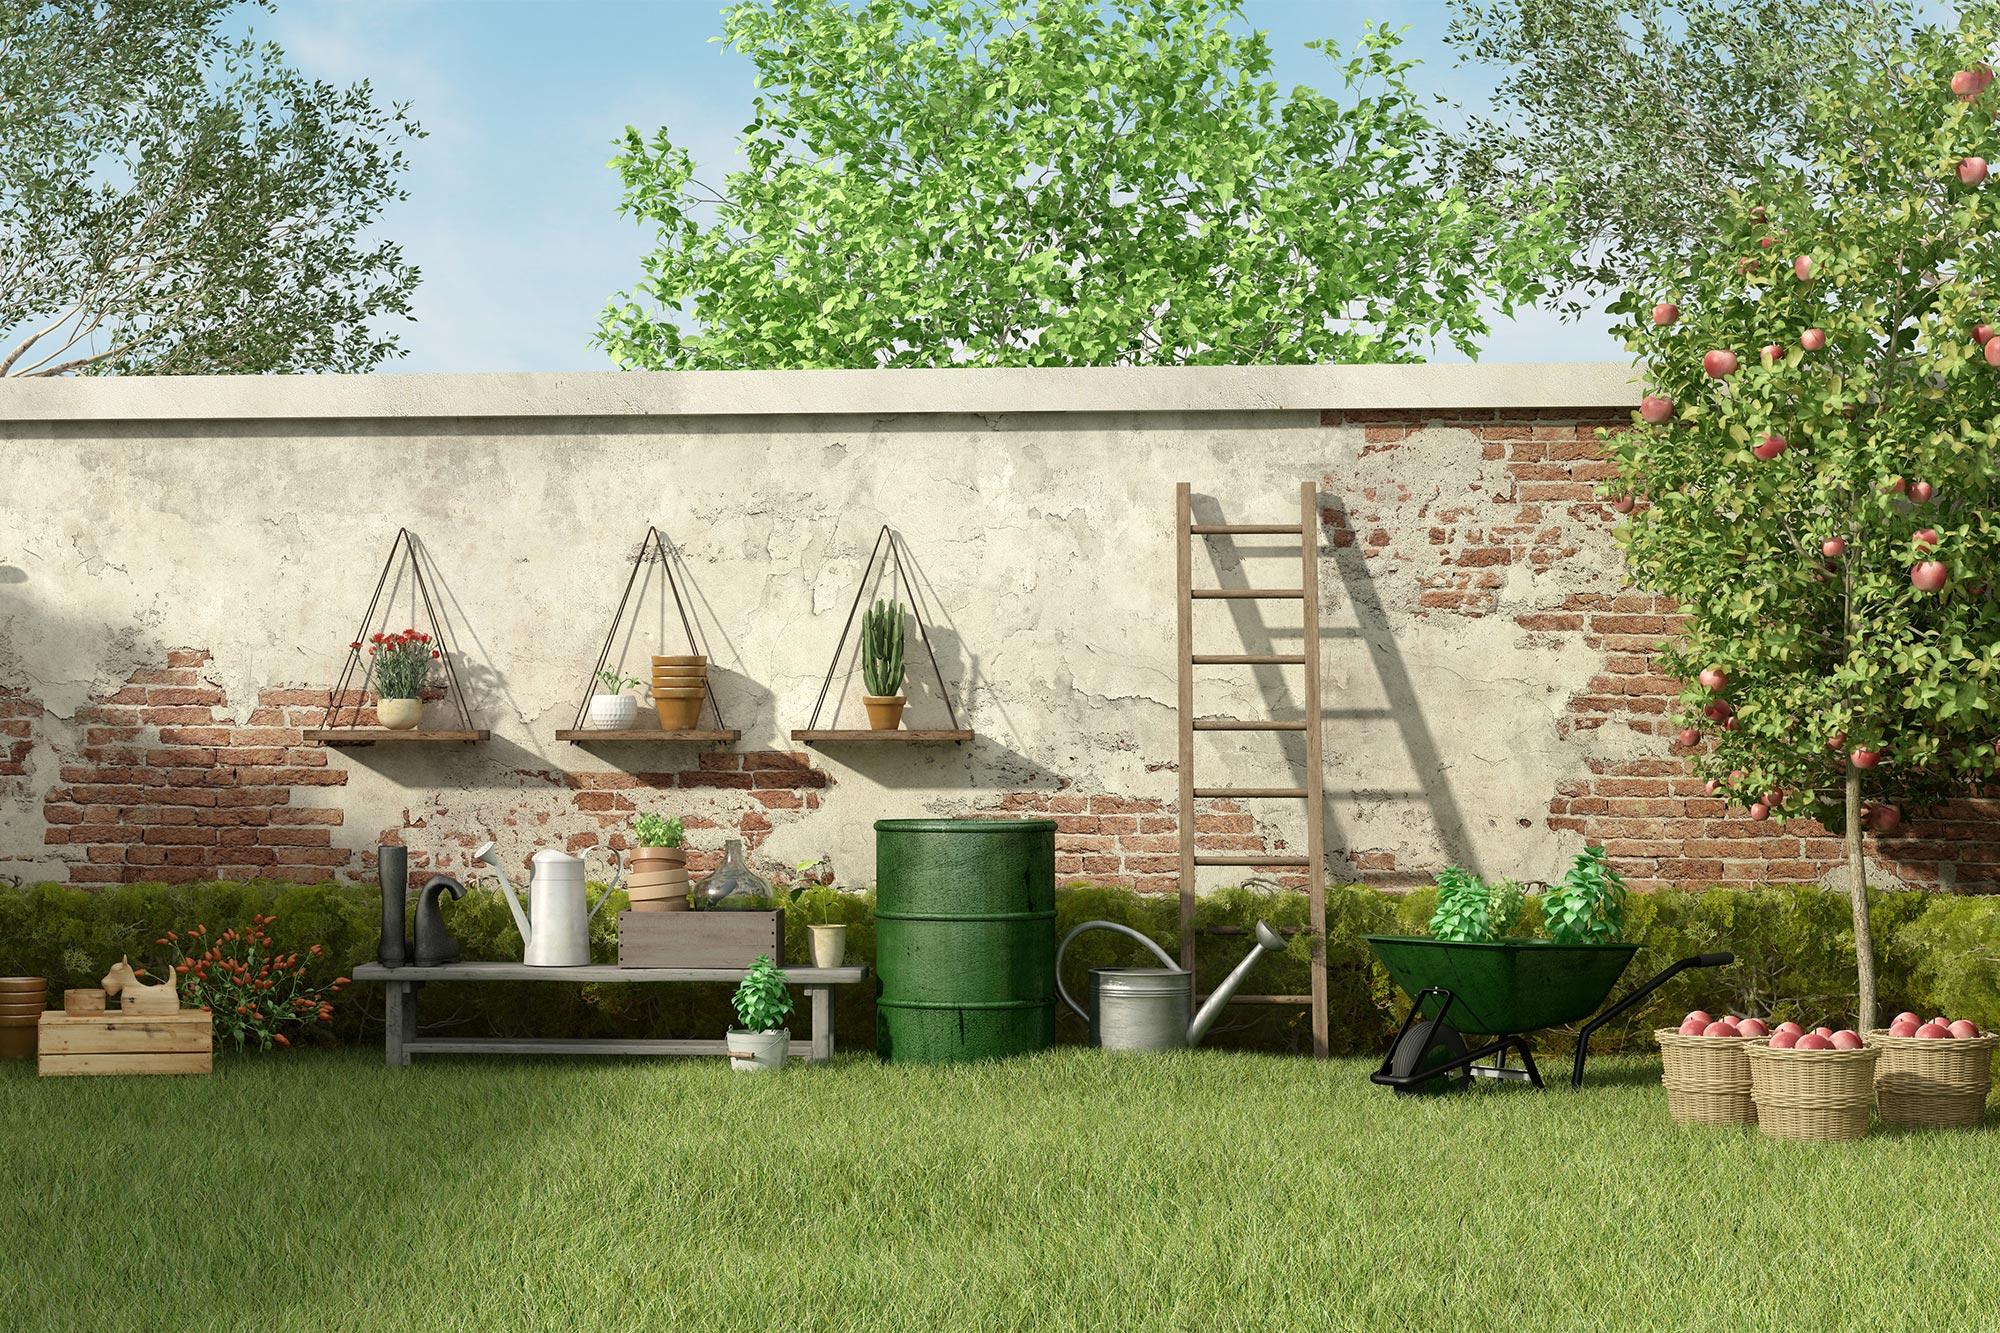 Kleinen Garten gestalten – mit folgenden cleveren Tipps gelingt es ...